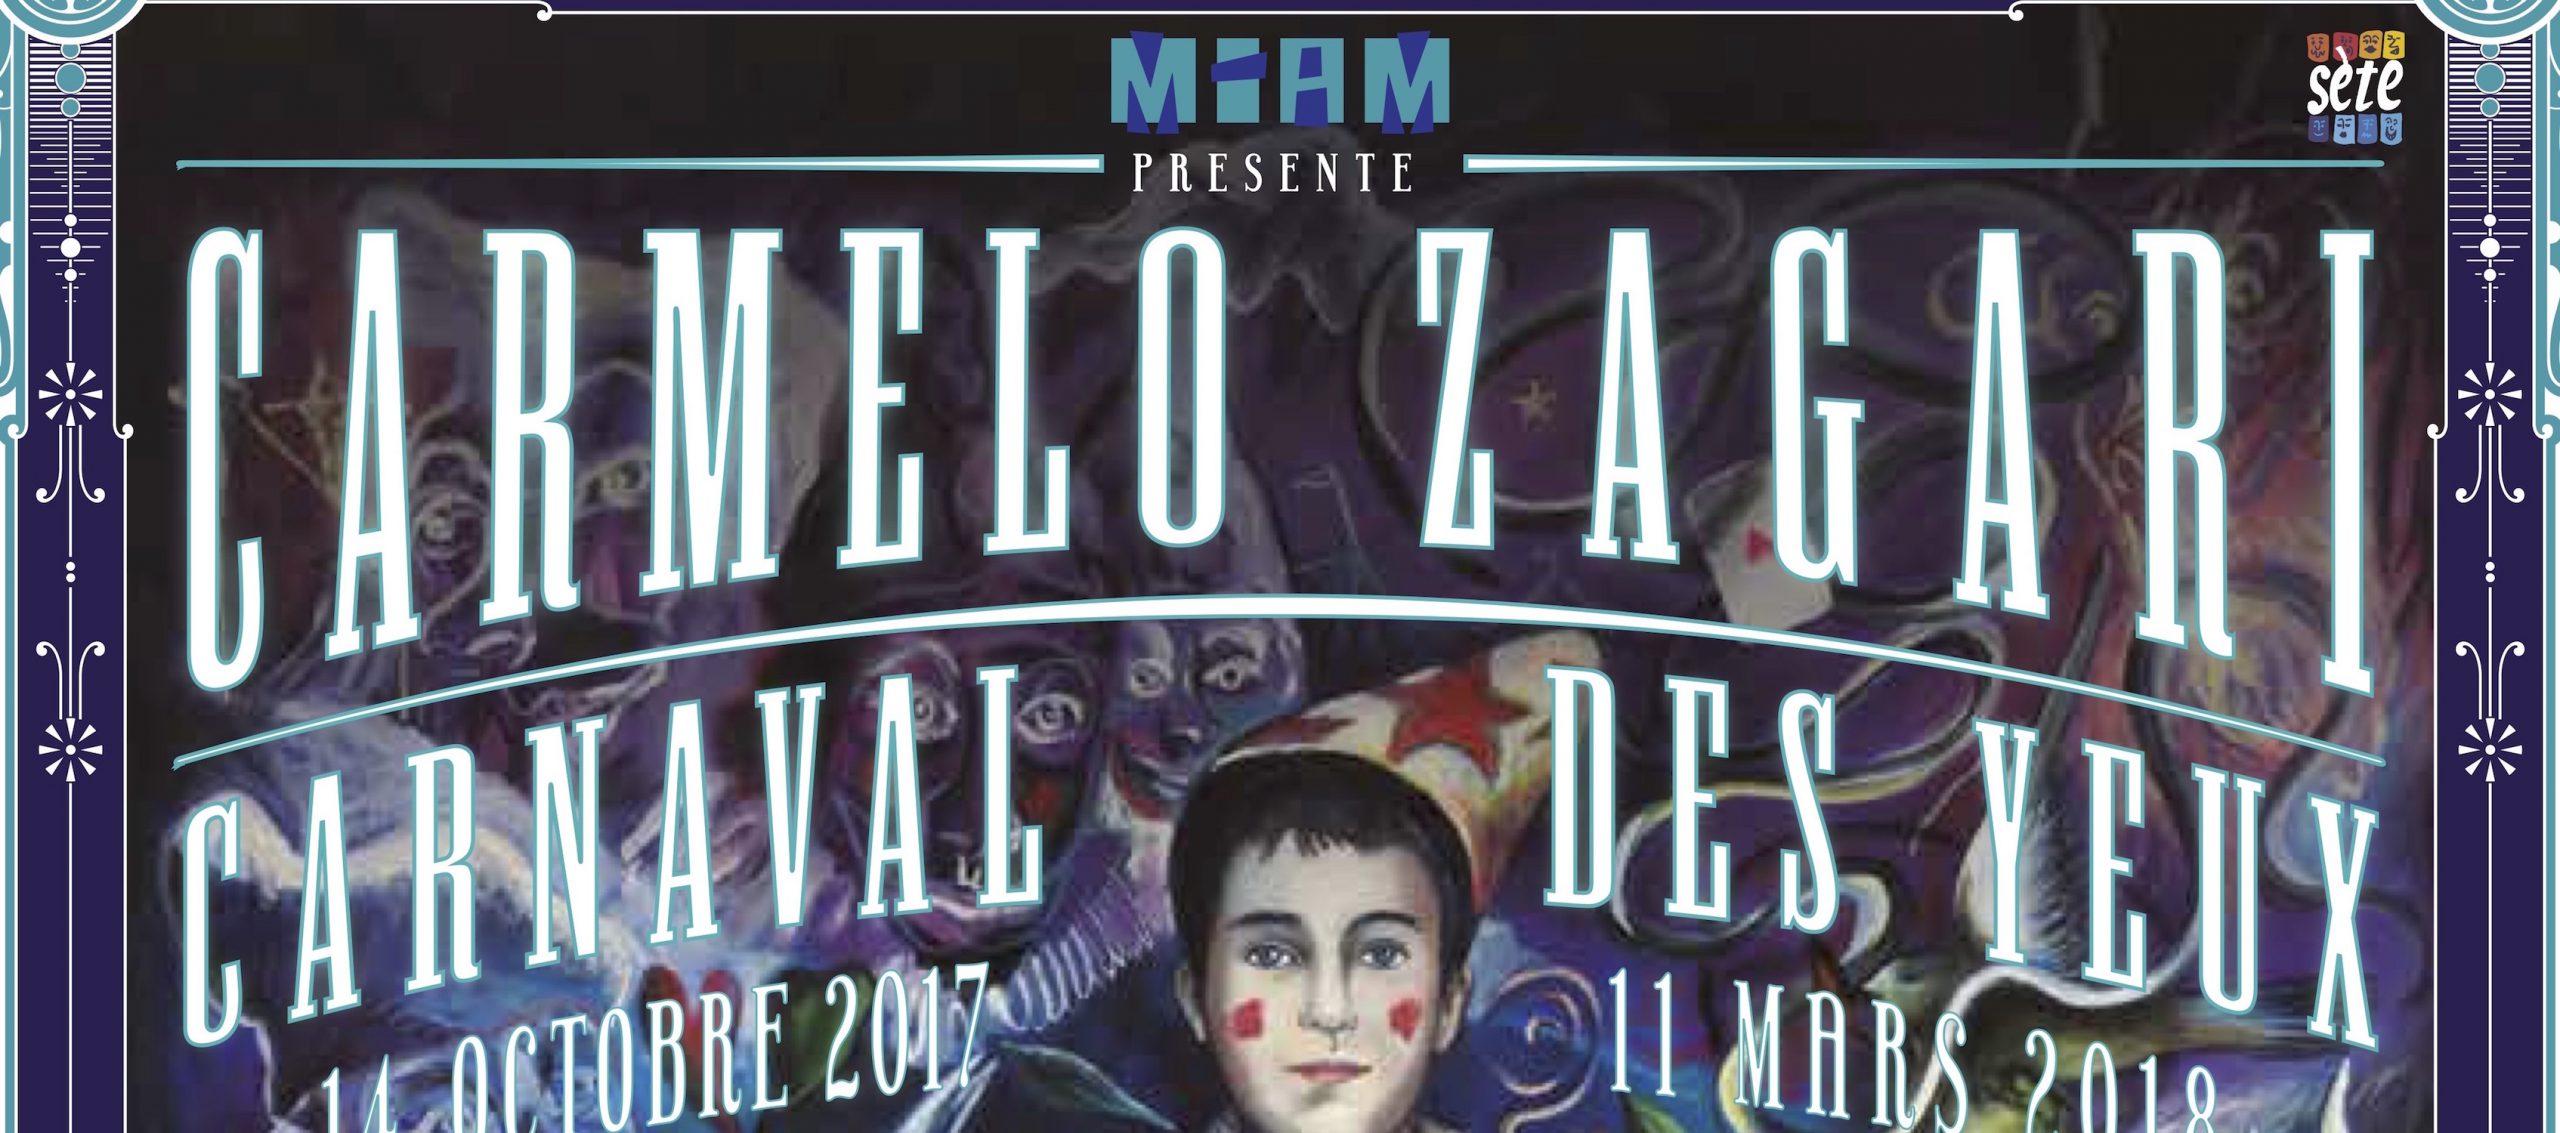 MIAM: CARMELO ZAGARI – Carnaval des yeux